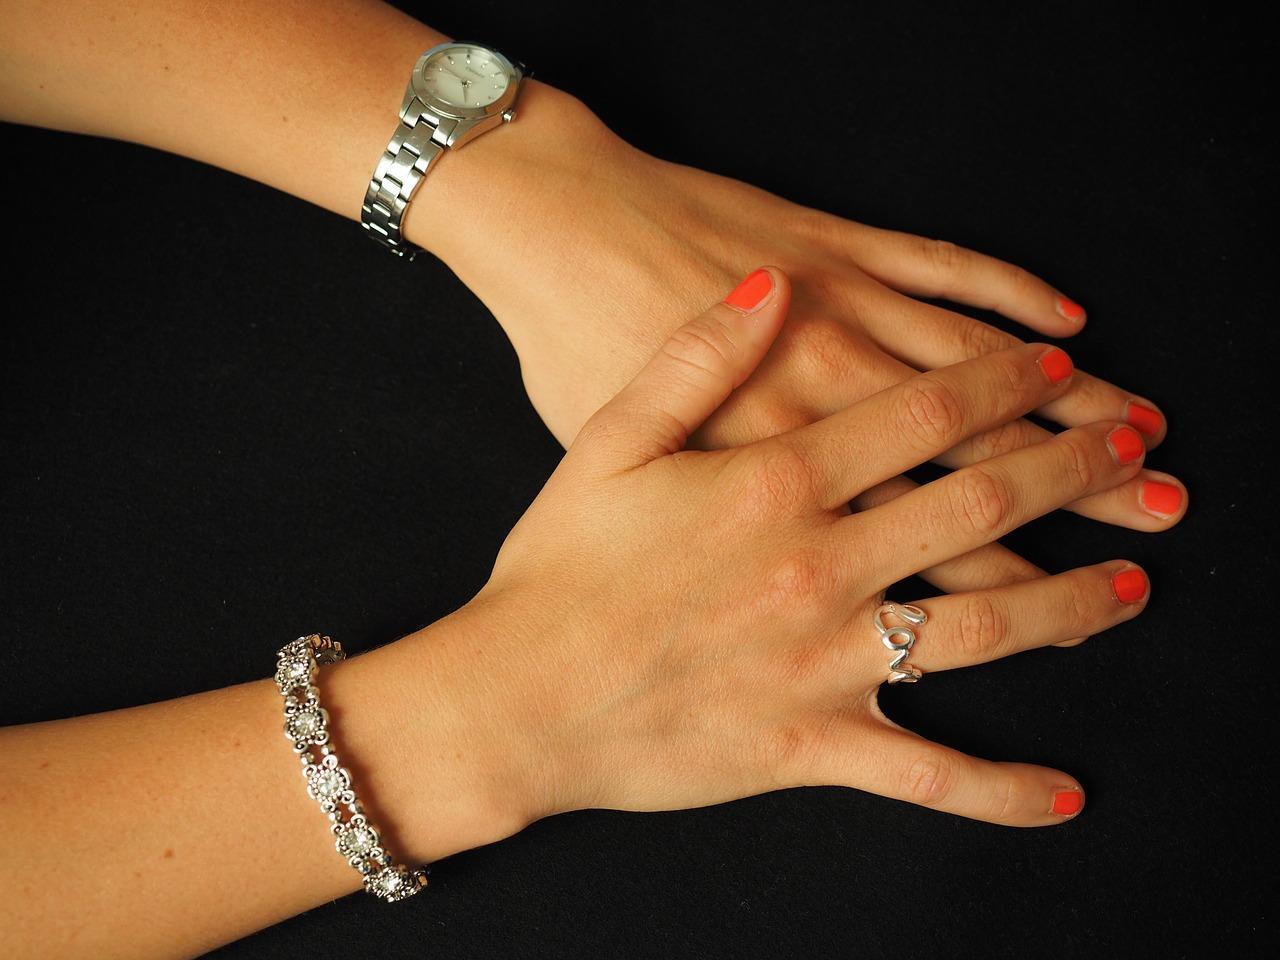 Dobry lakier dla zdrowych i zadbanych paznokci